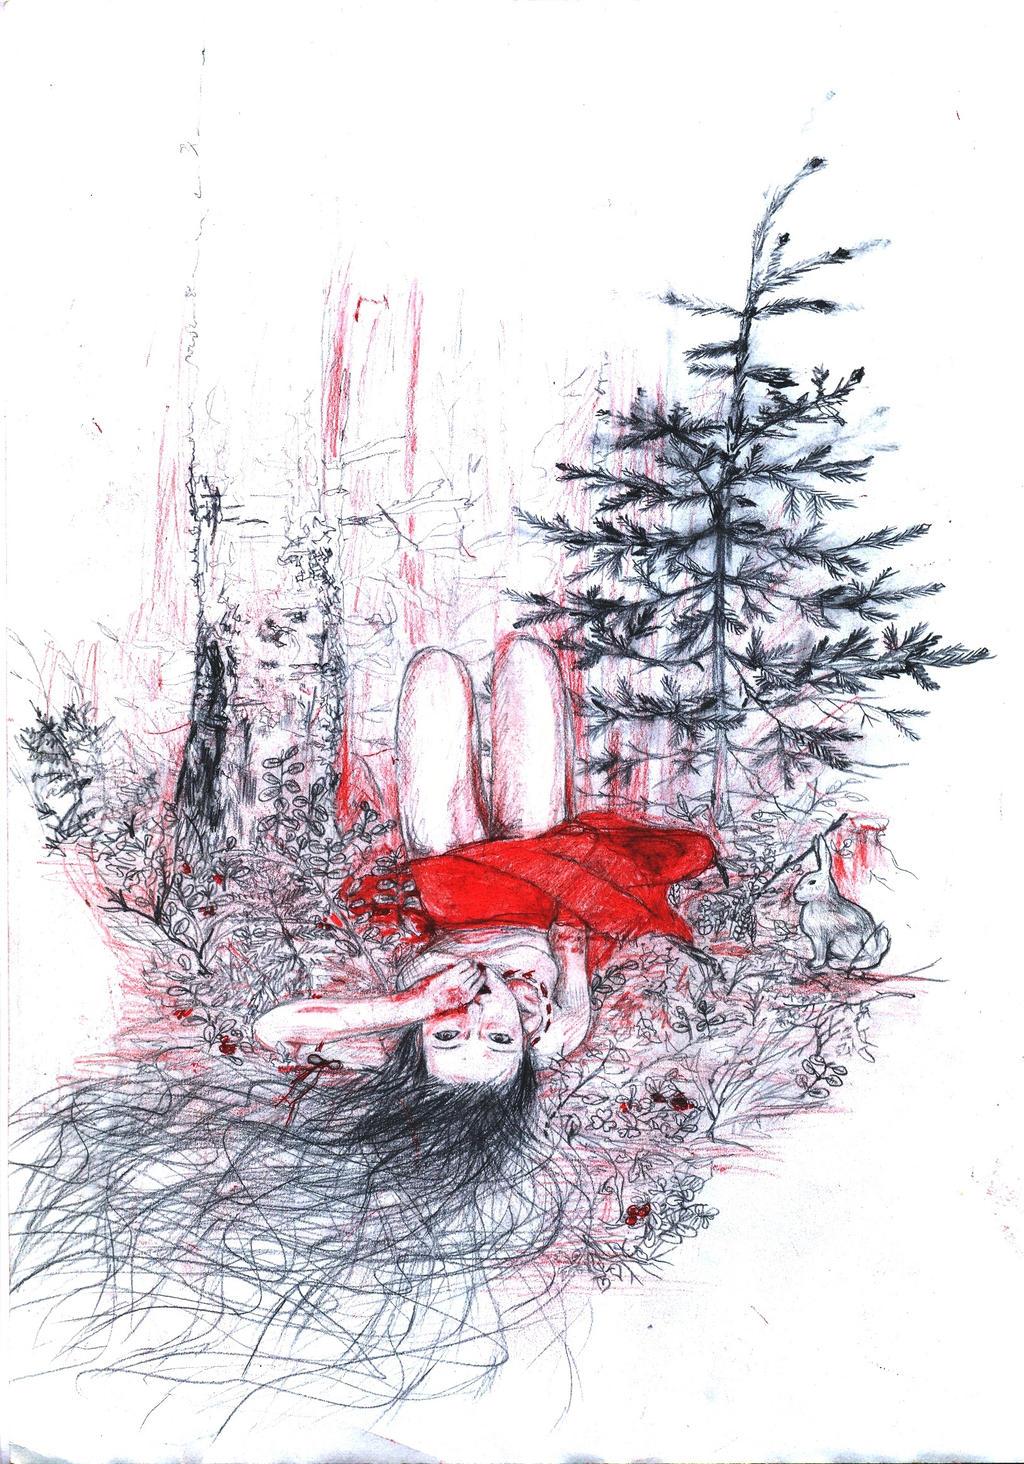 Endless spring by Satomi-Tadashi